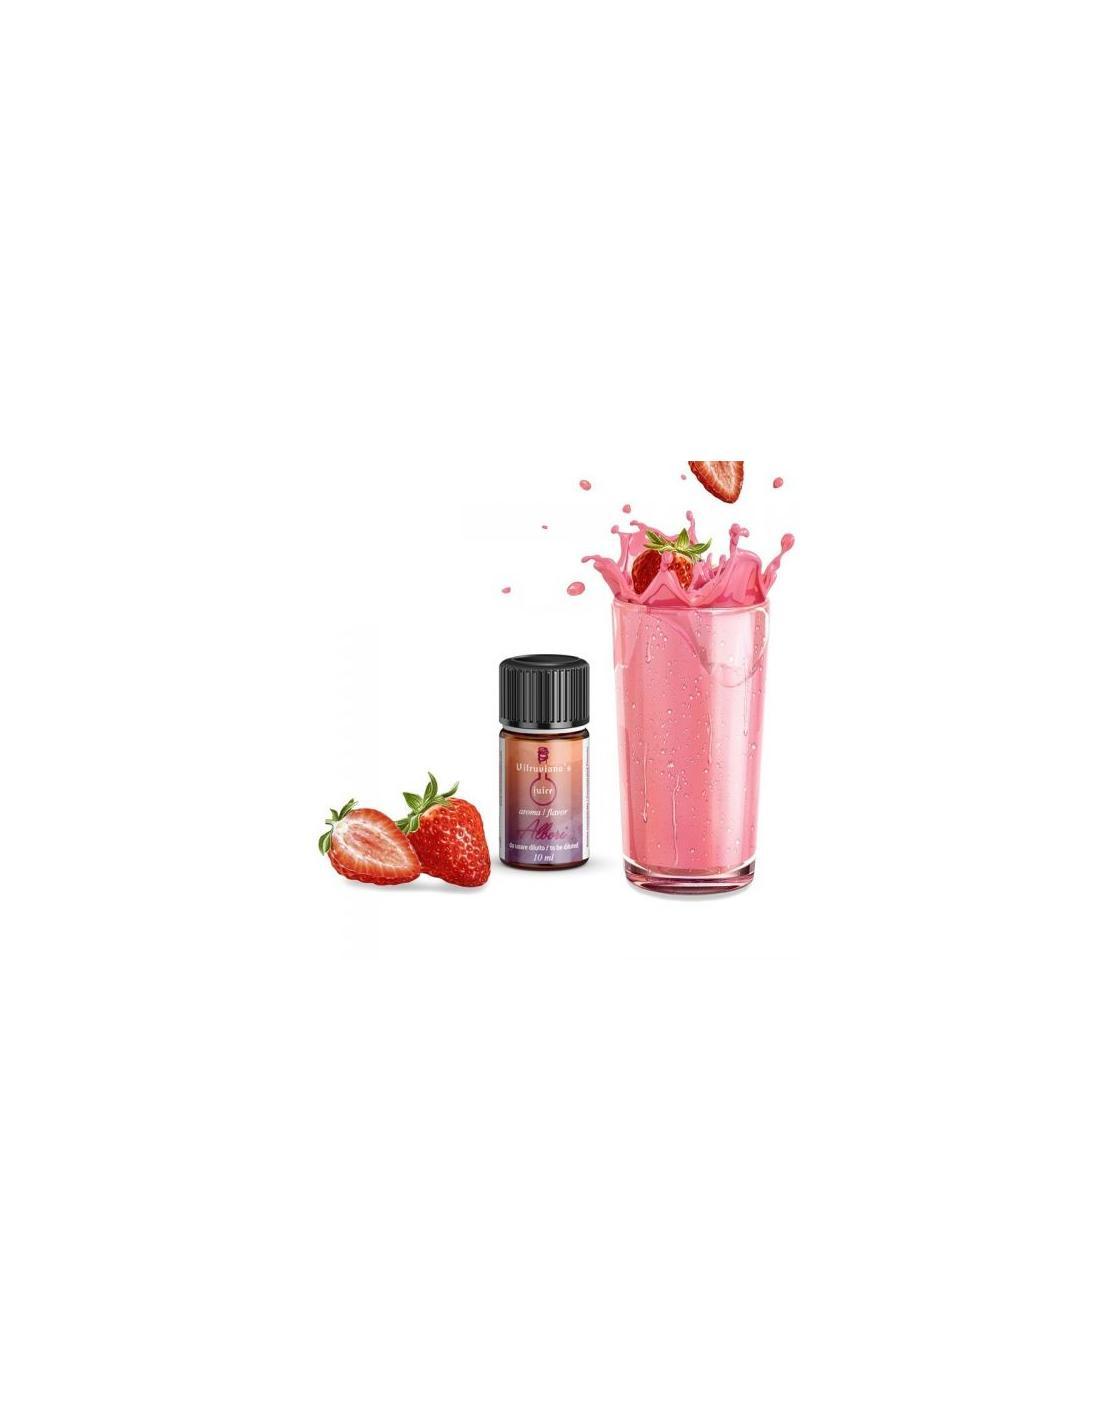 Vitruviano's Juice Albori Aroma Concentrato Da 10ml Per Sigarette Elettroniche